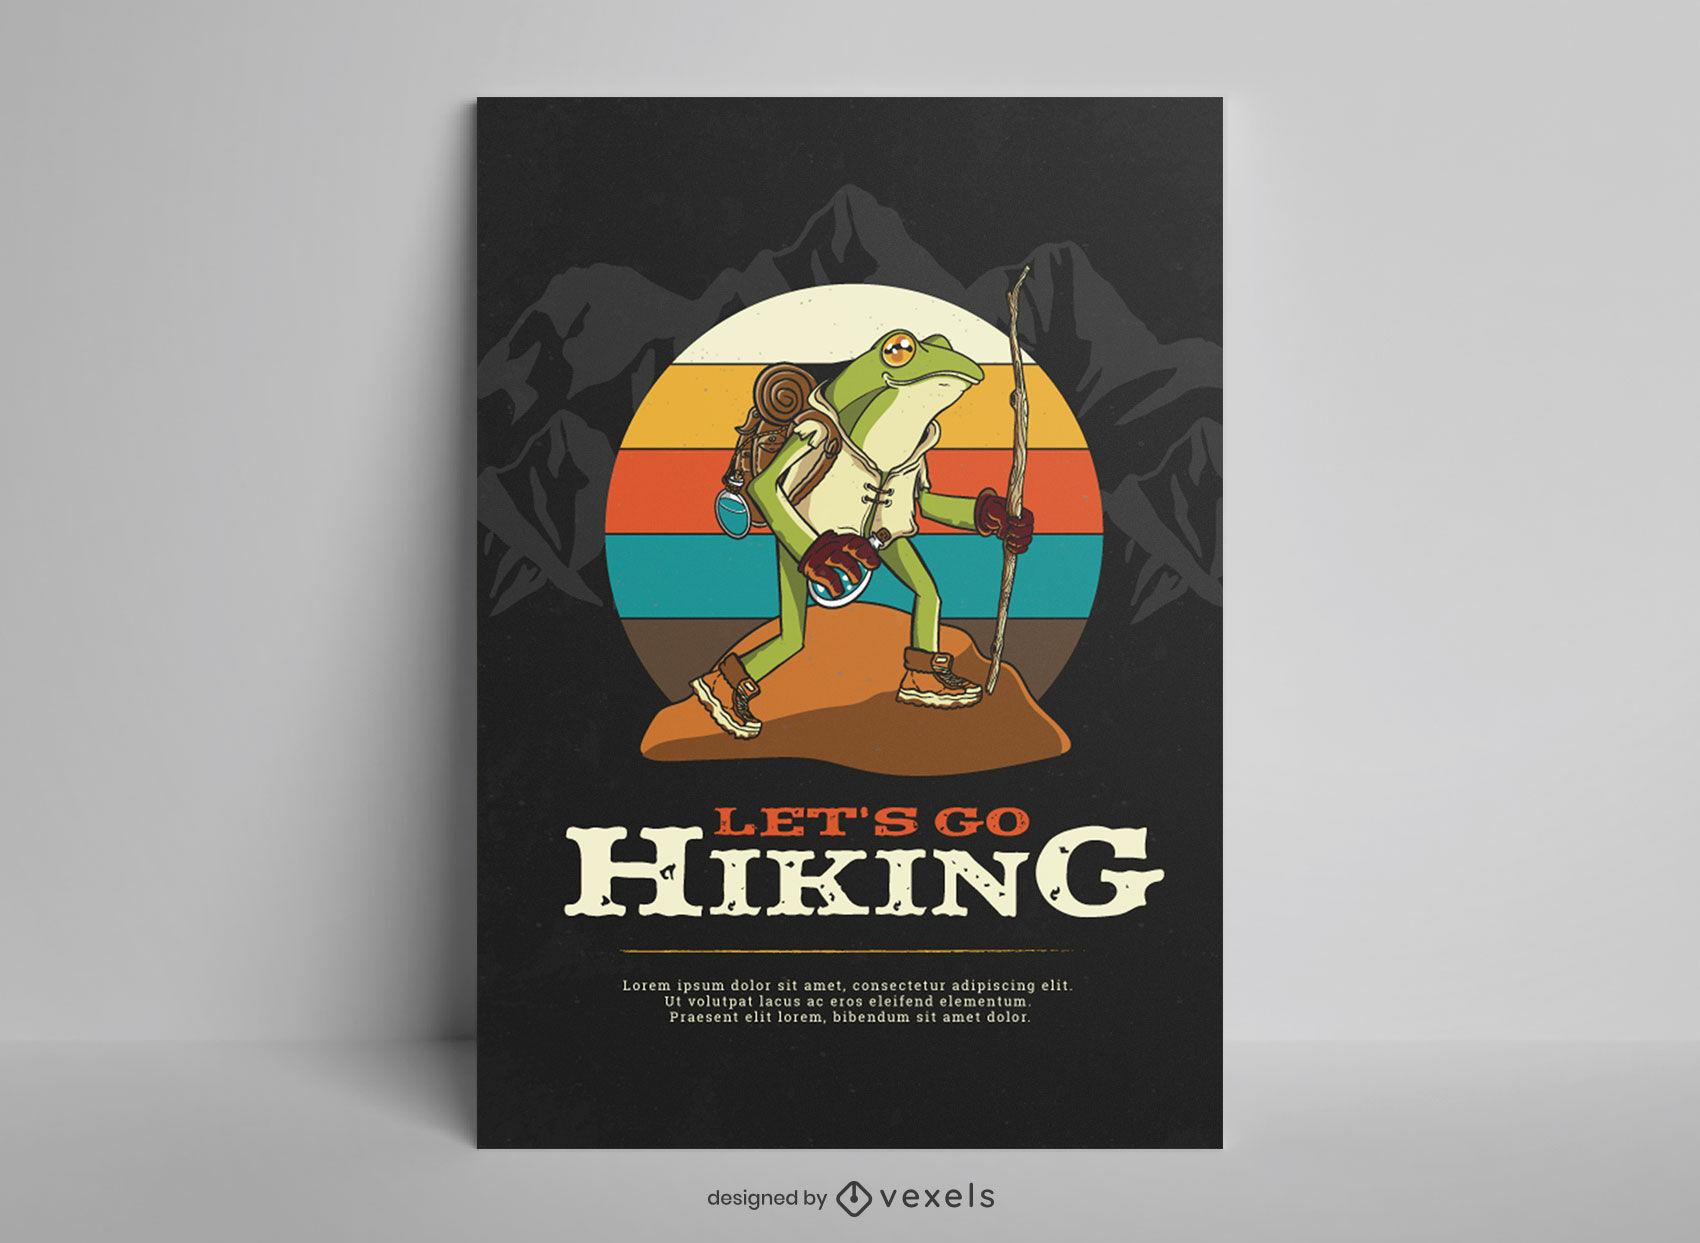 Hiking landscape frog poster design